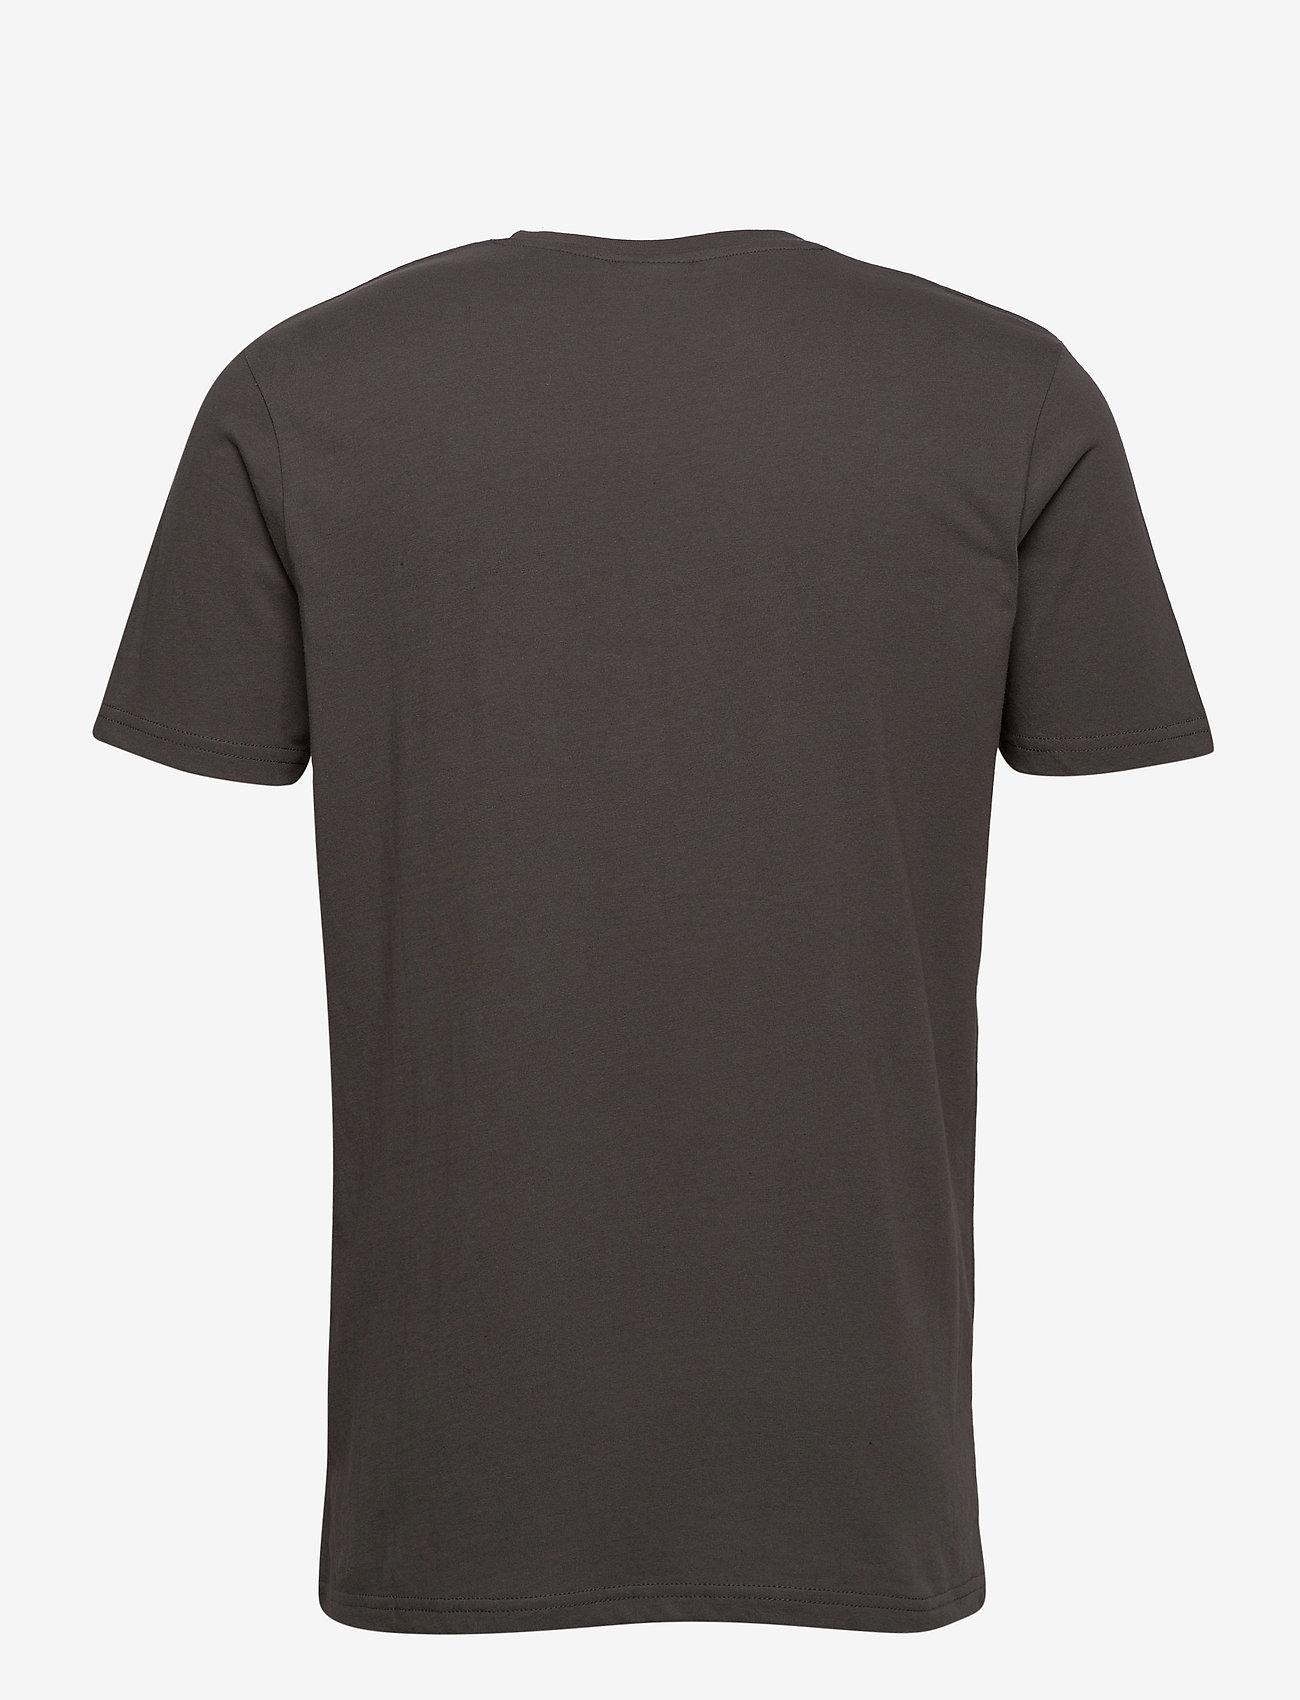 Ellesse EL SL PRADO TEE - T-skjorter DARK GREY - Menn Klær